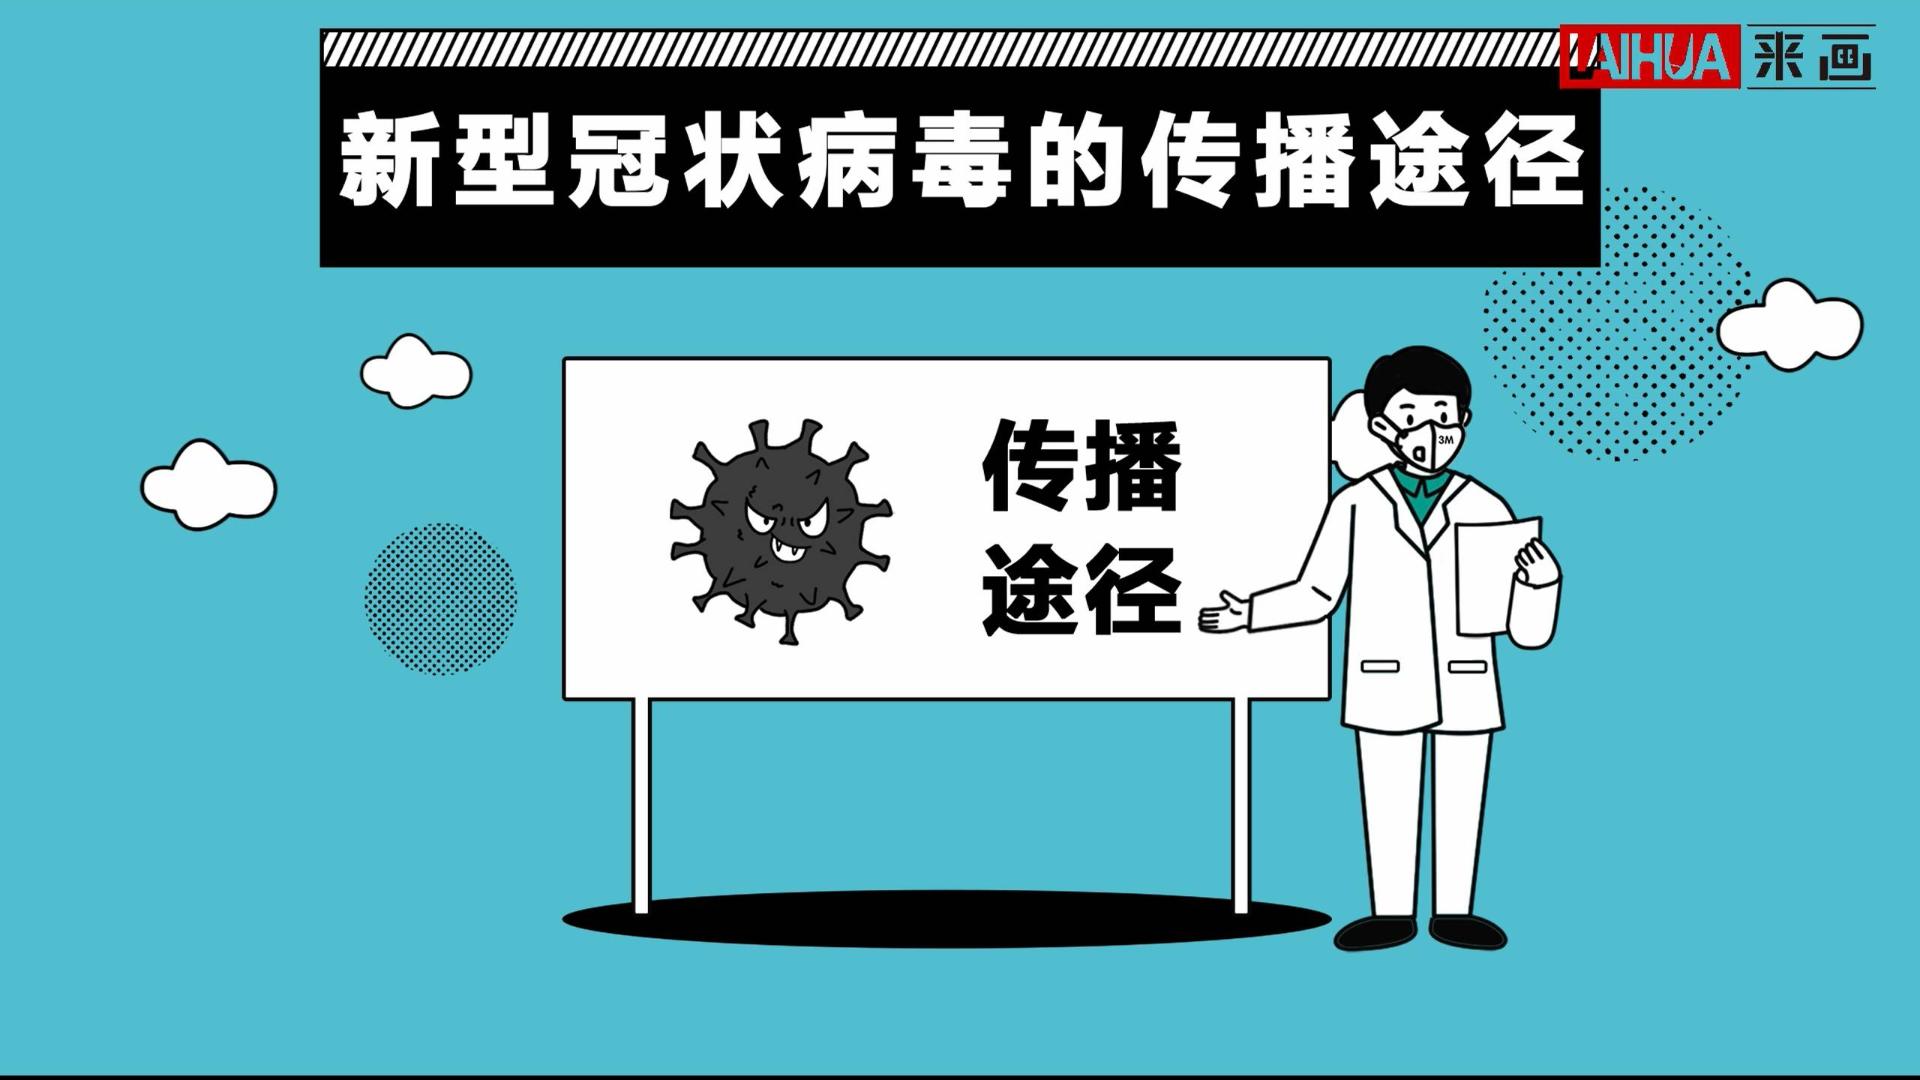 新型冠状病毒的自白:新冠病毒的传播途径有哪些?丨来画 • 疫情防控科普栏目